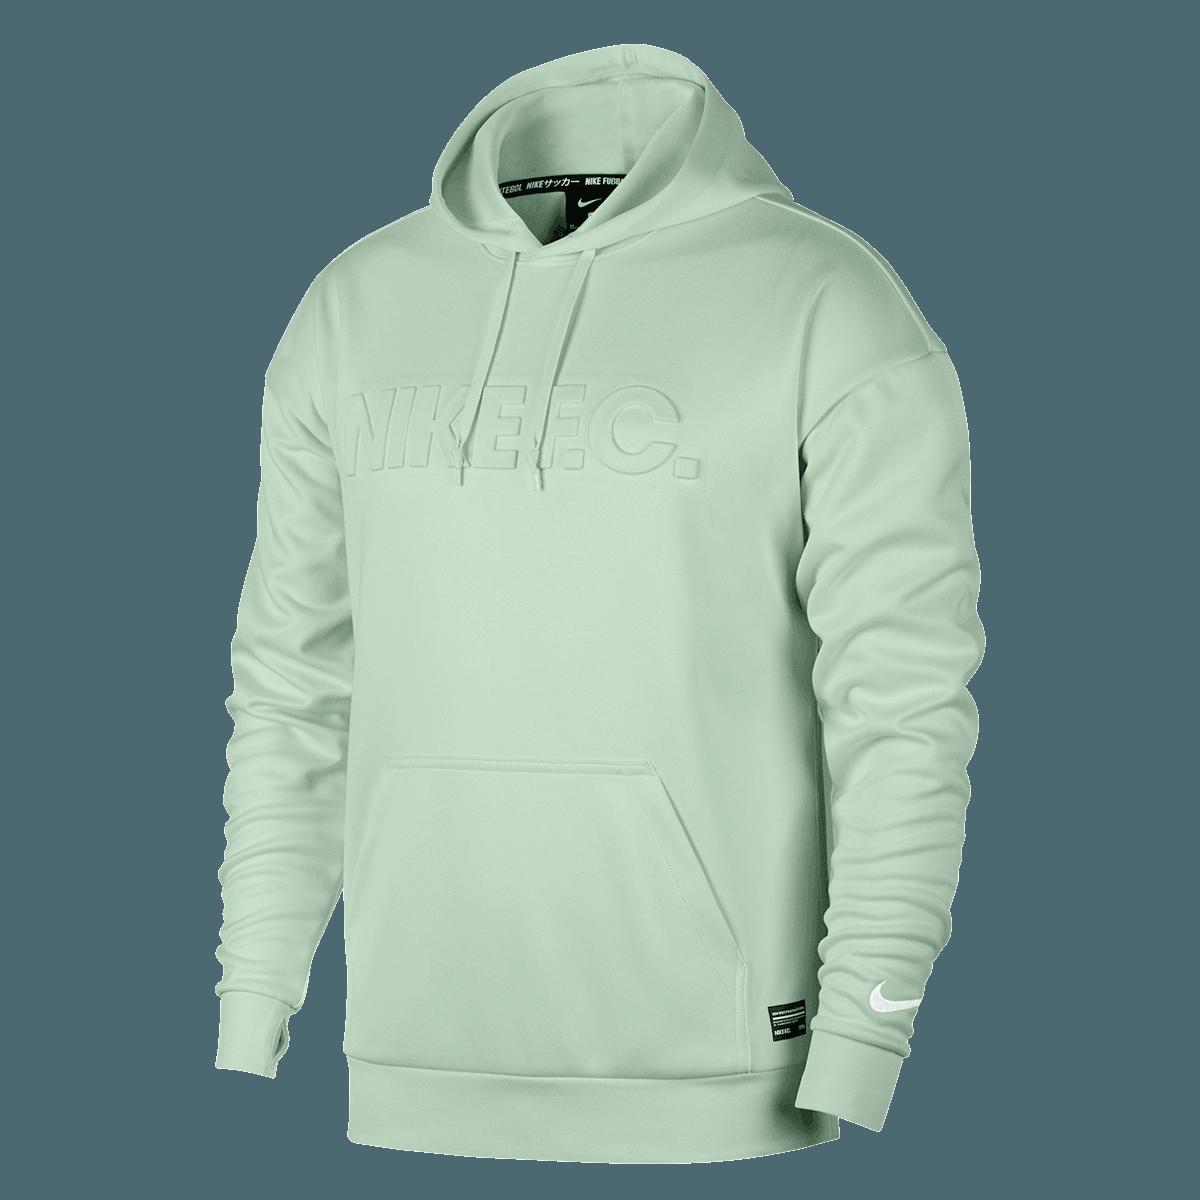 Nike Kapuzenpullover F.C. Football Hoody mintgrünweiß